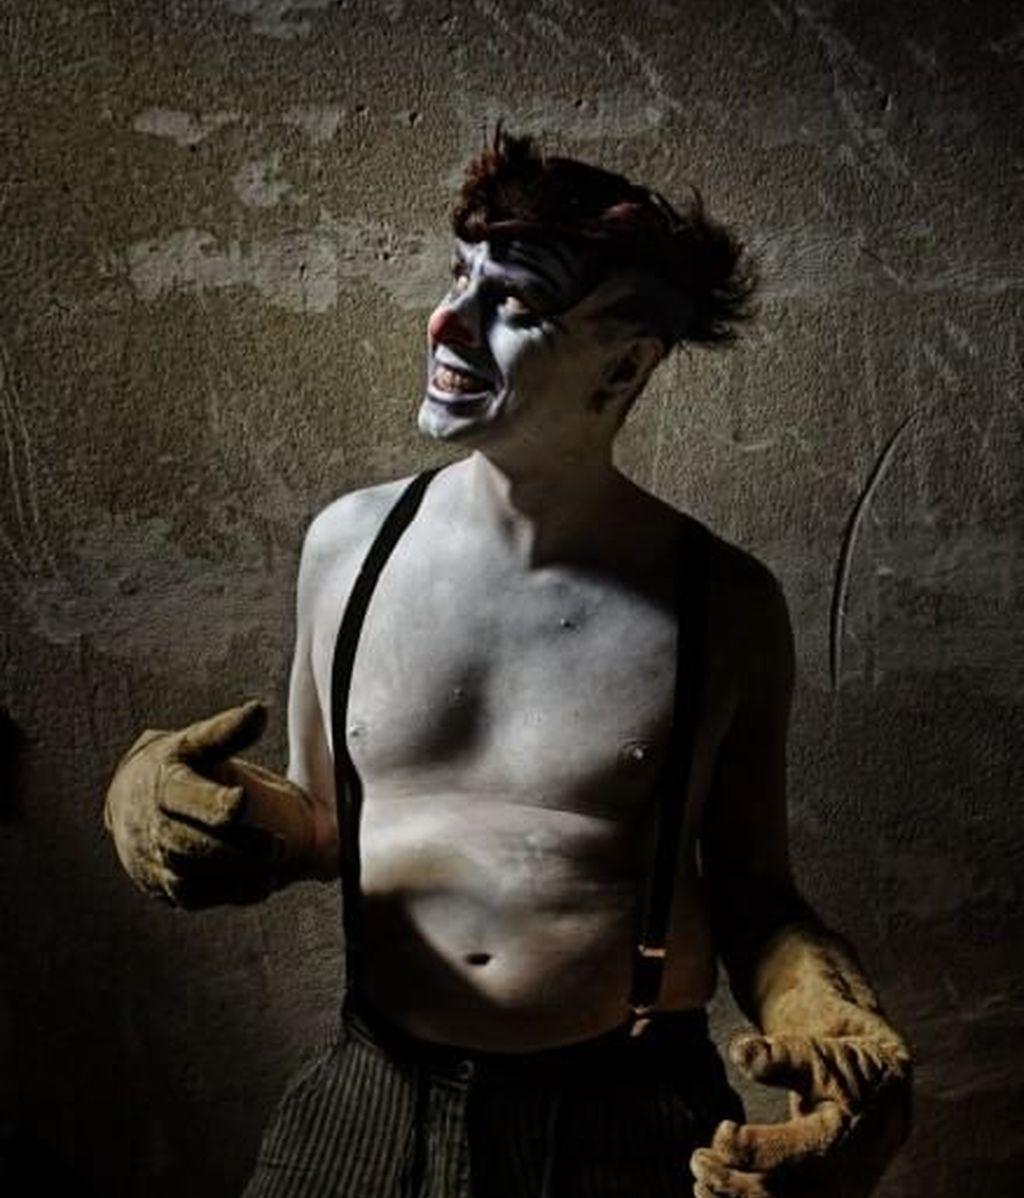 El proyecto del fotógrafo italiano Eolo Perfido